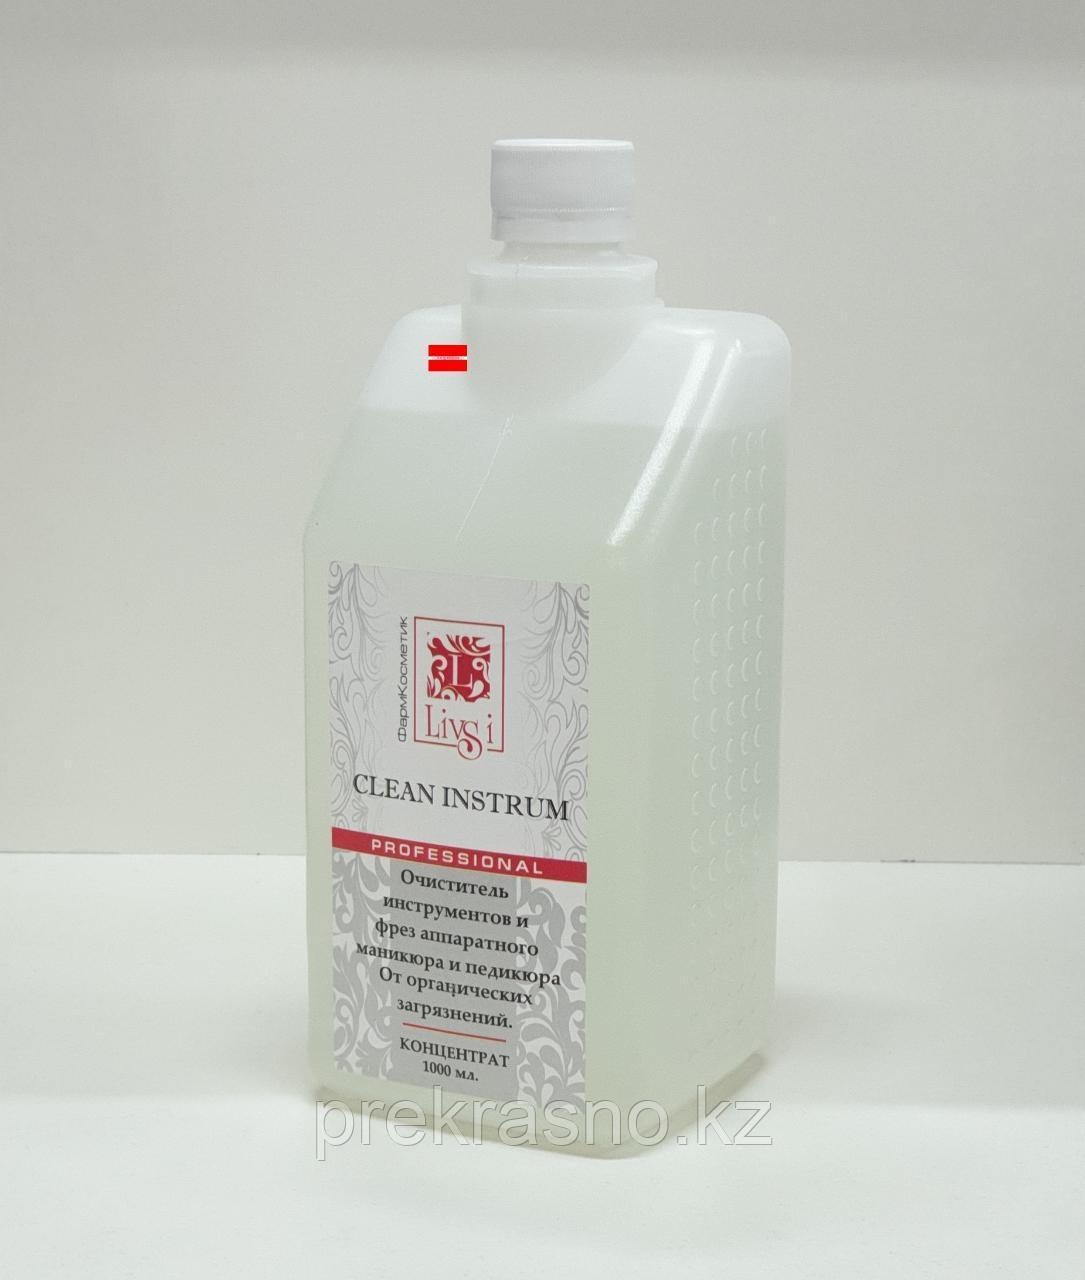 Очиститель 1л для фрез и инструментов от биозагрязнений концентрат LIVSI